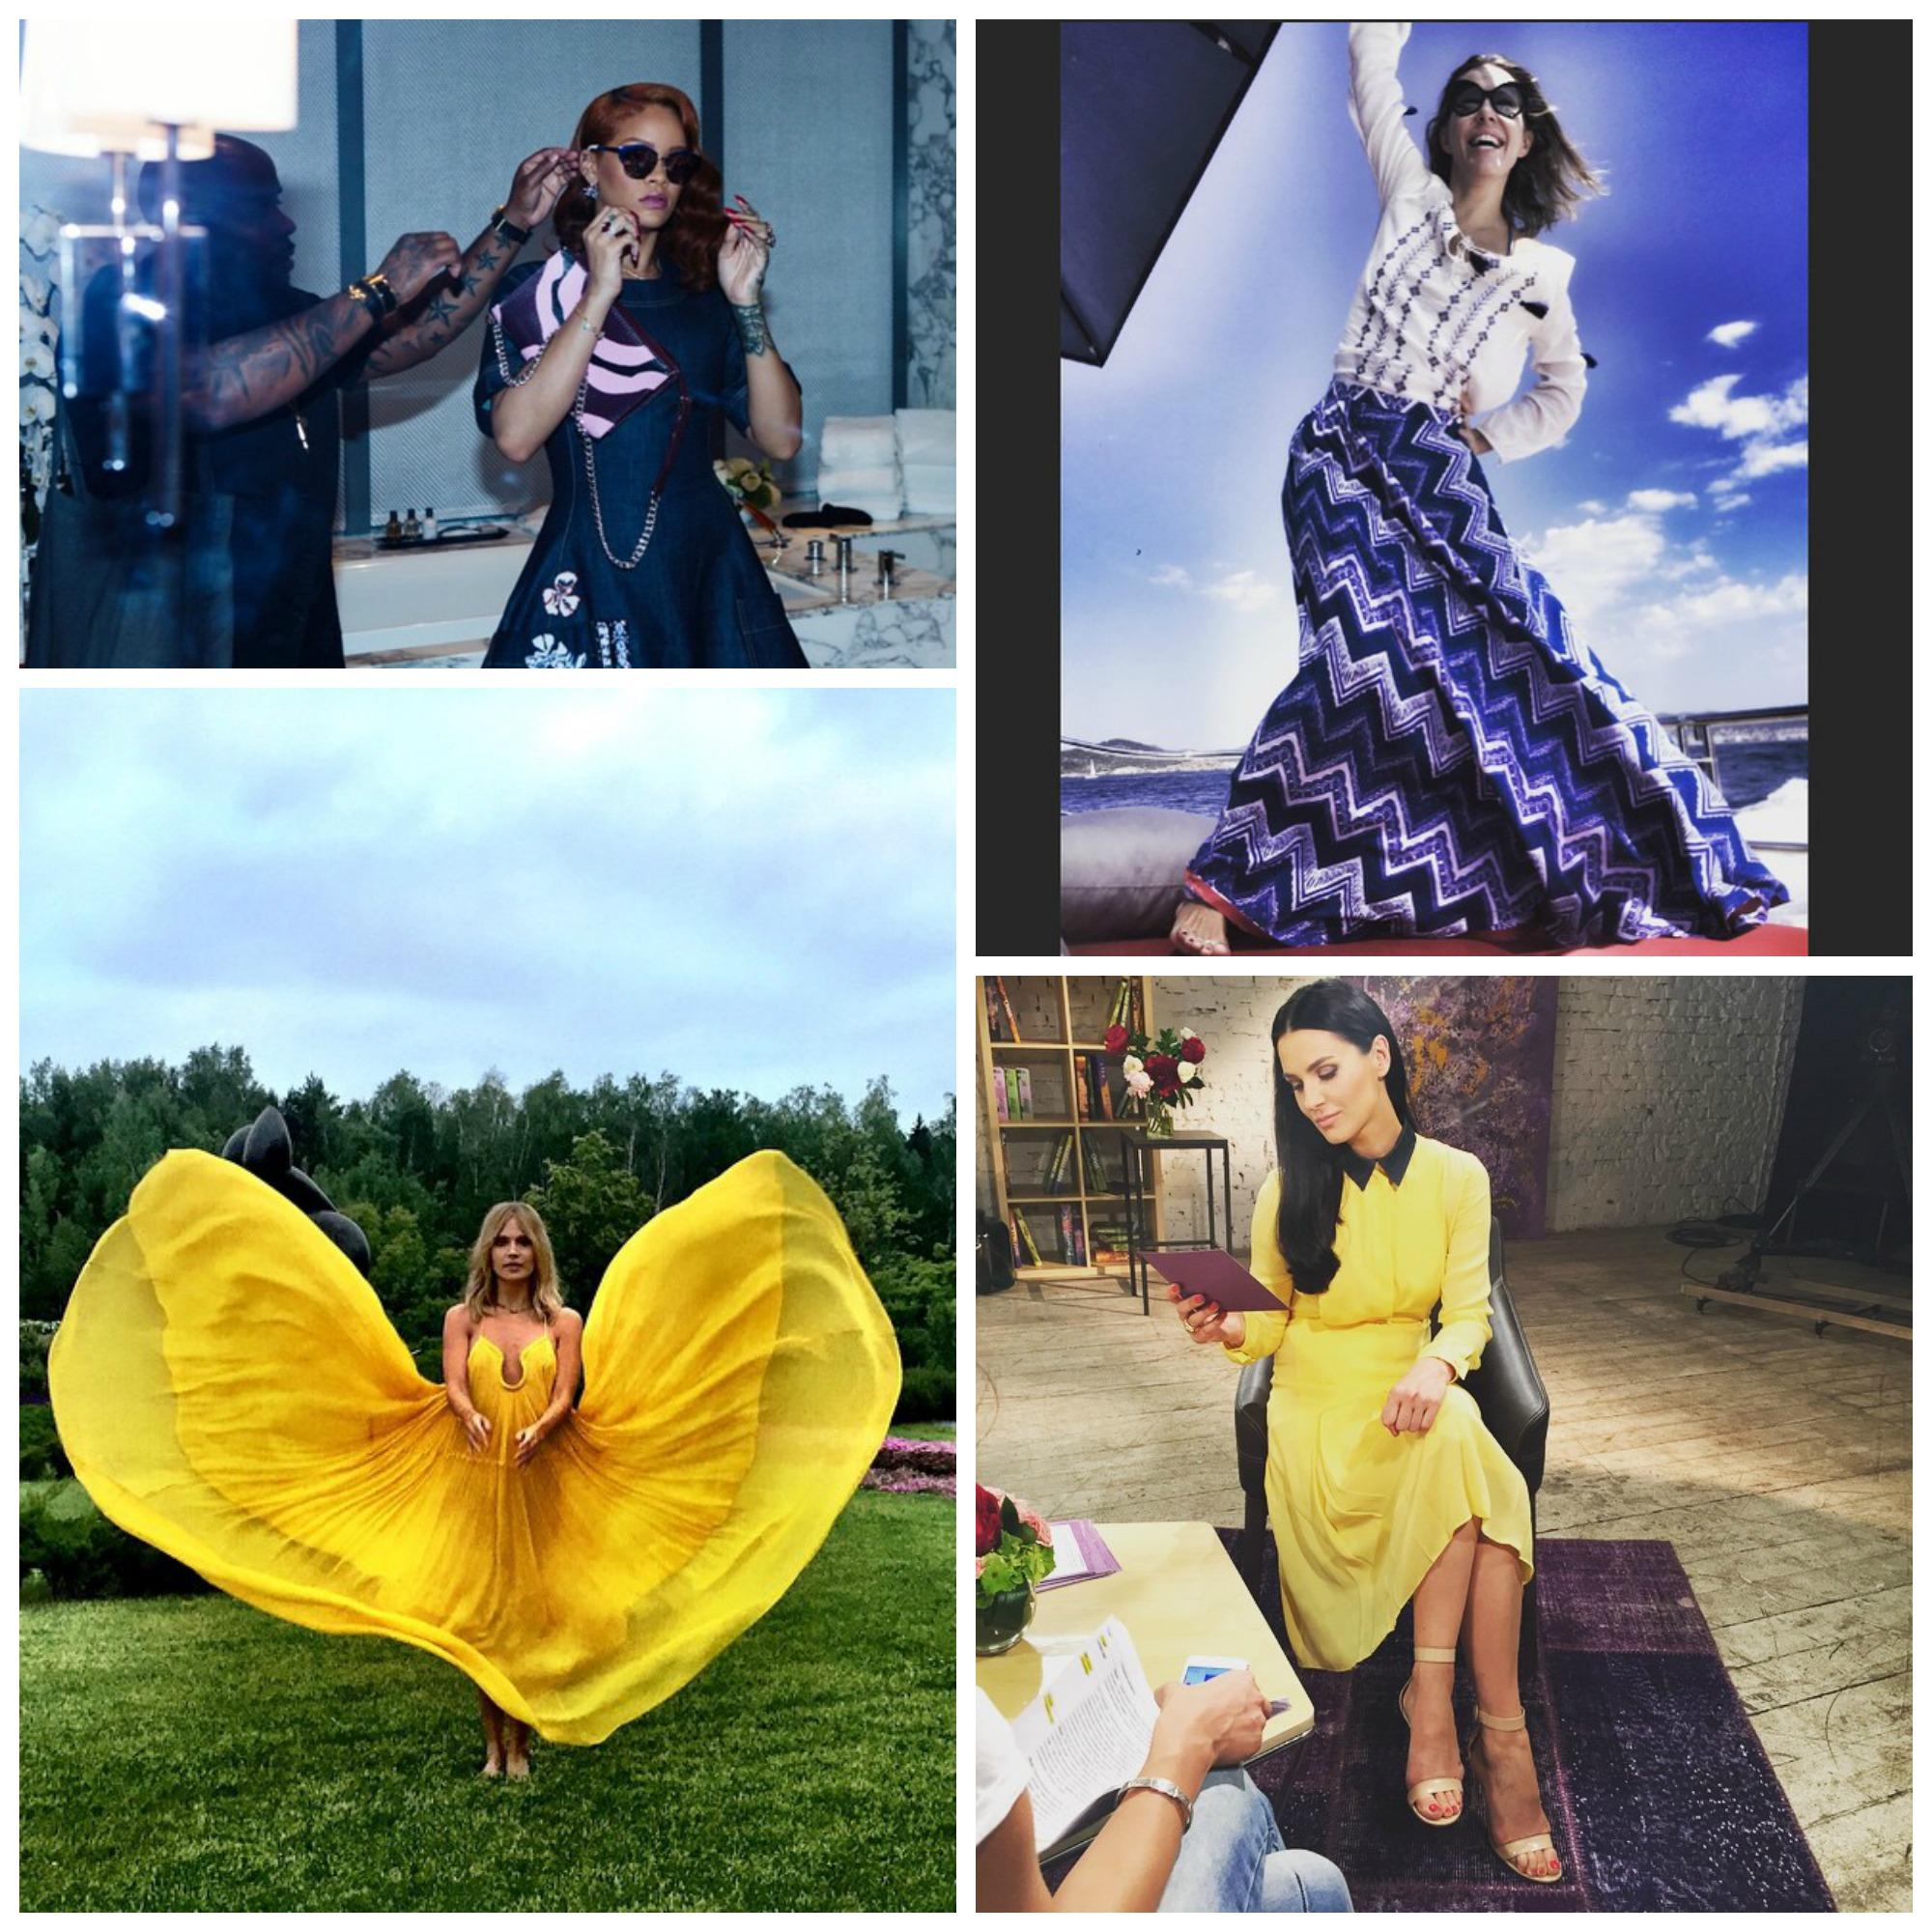 Смотри самые стильные снимки звезд в Instagram